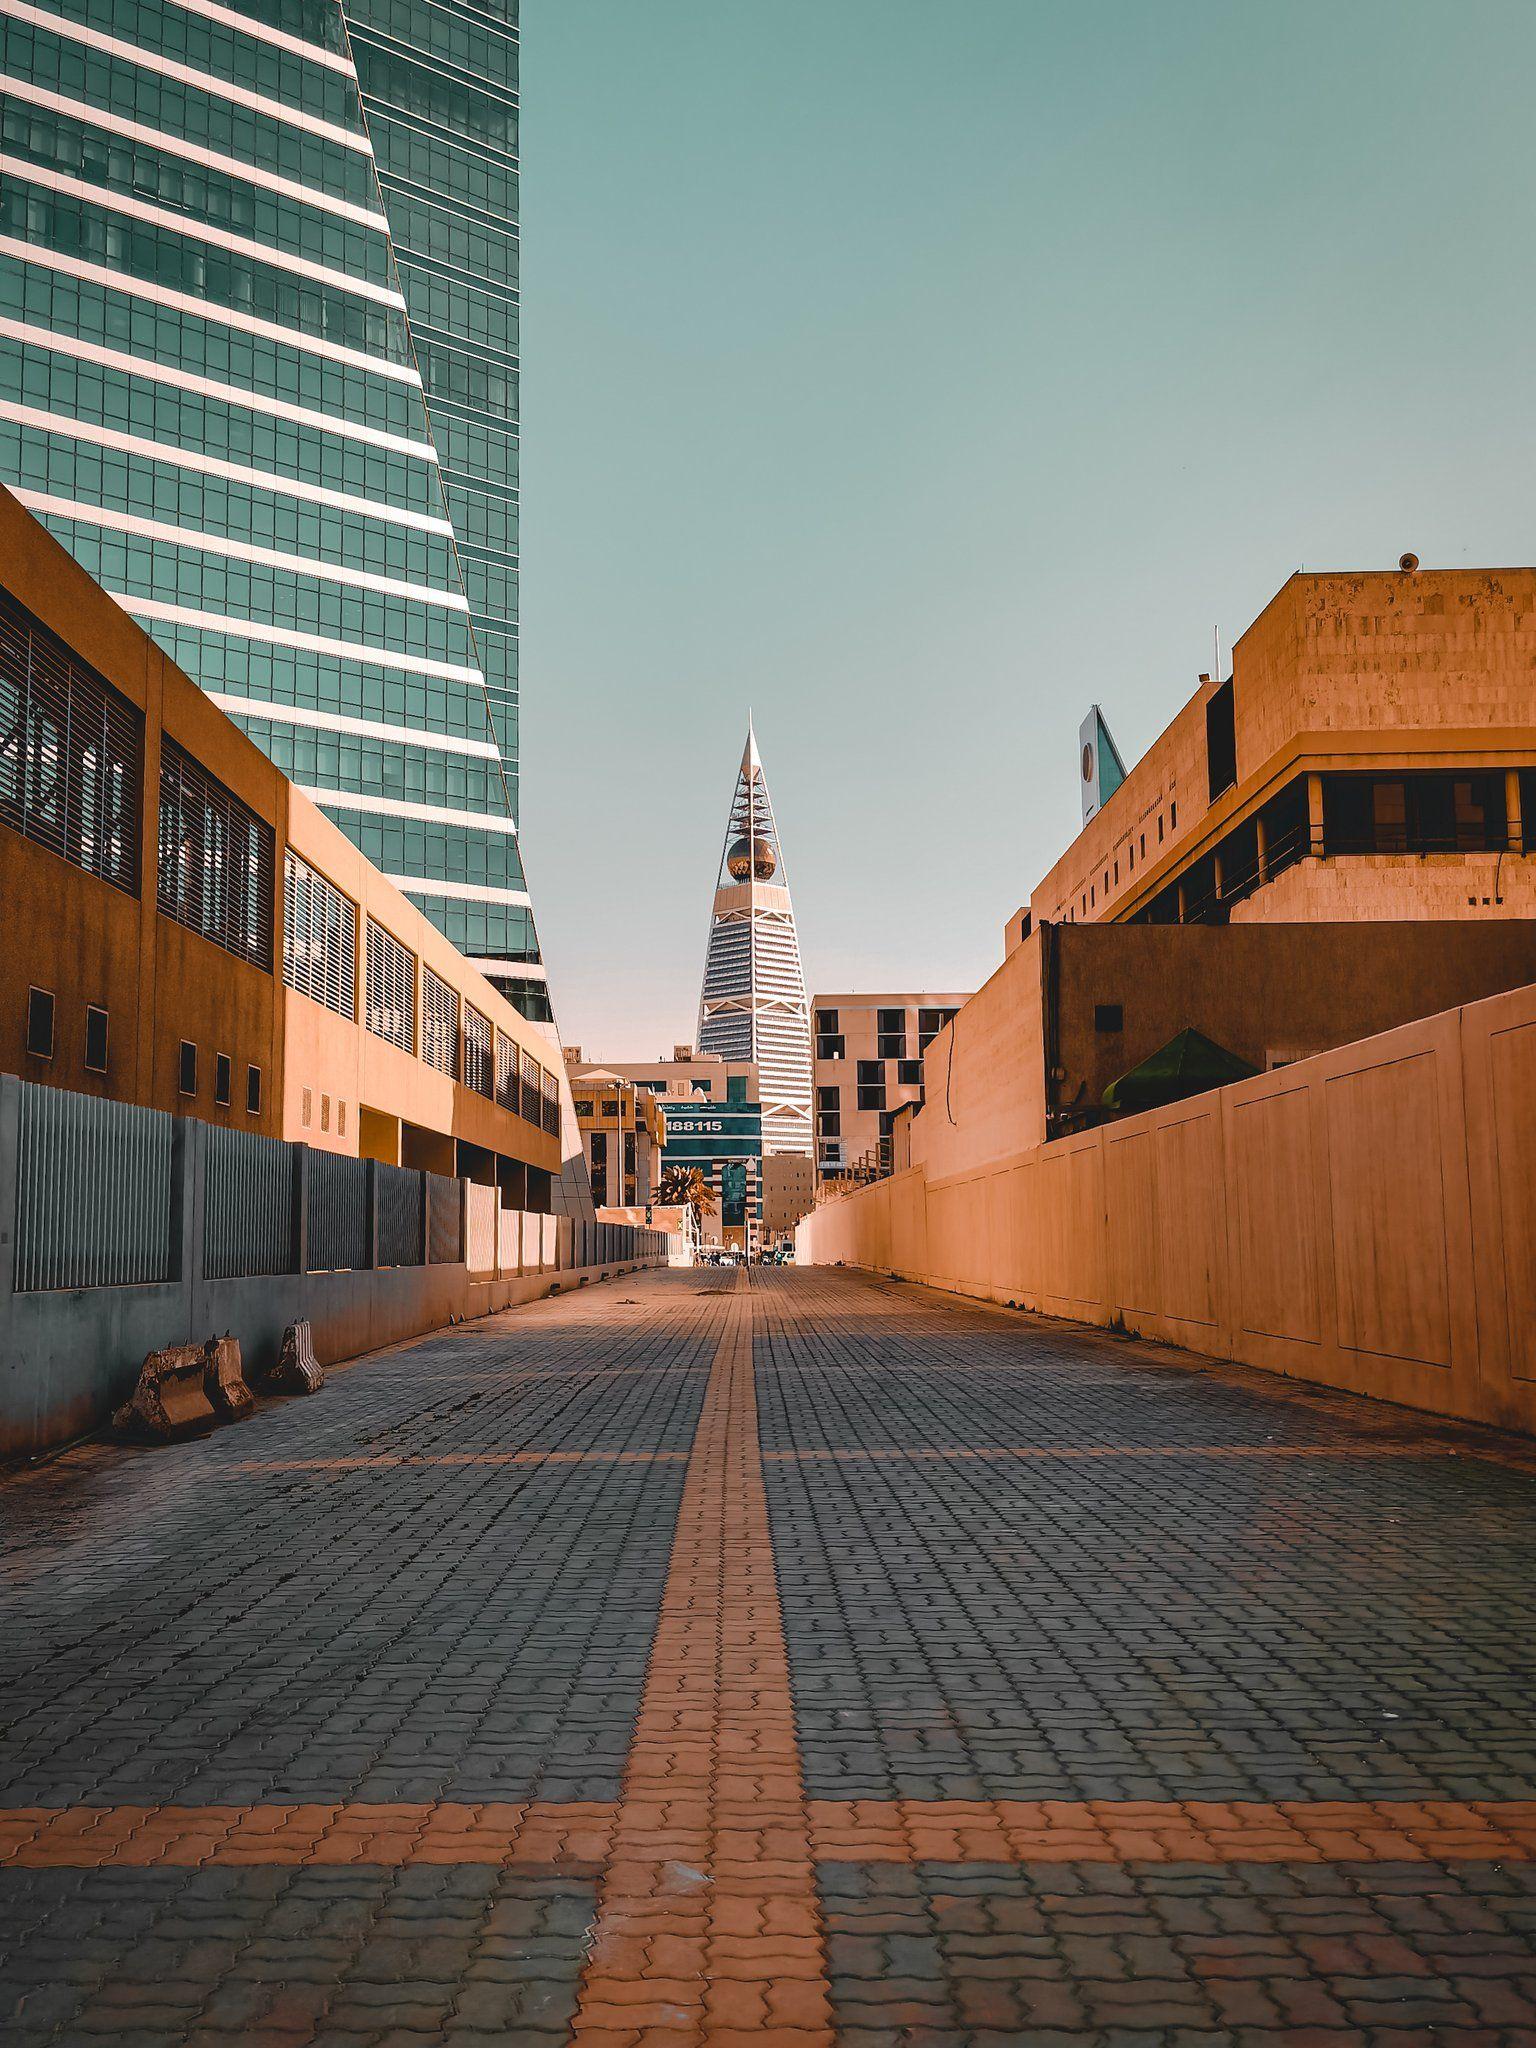 فهد الشنبري On Twitter Story Ideas Pictures Beautiful Places To Travel City Wallpaper